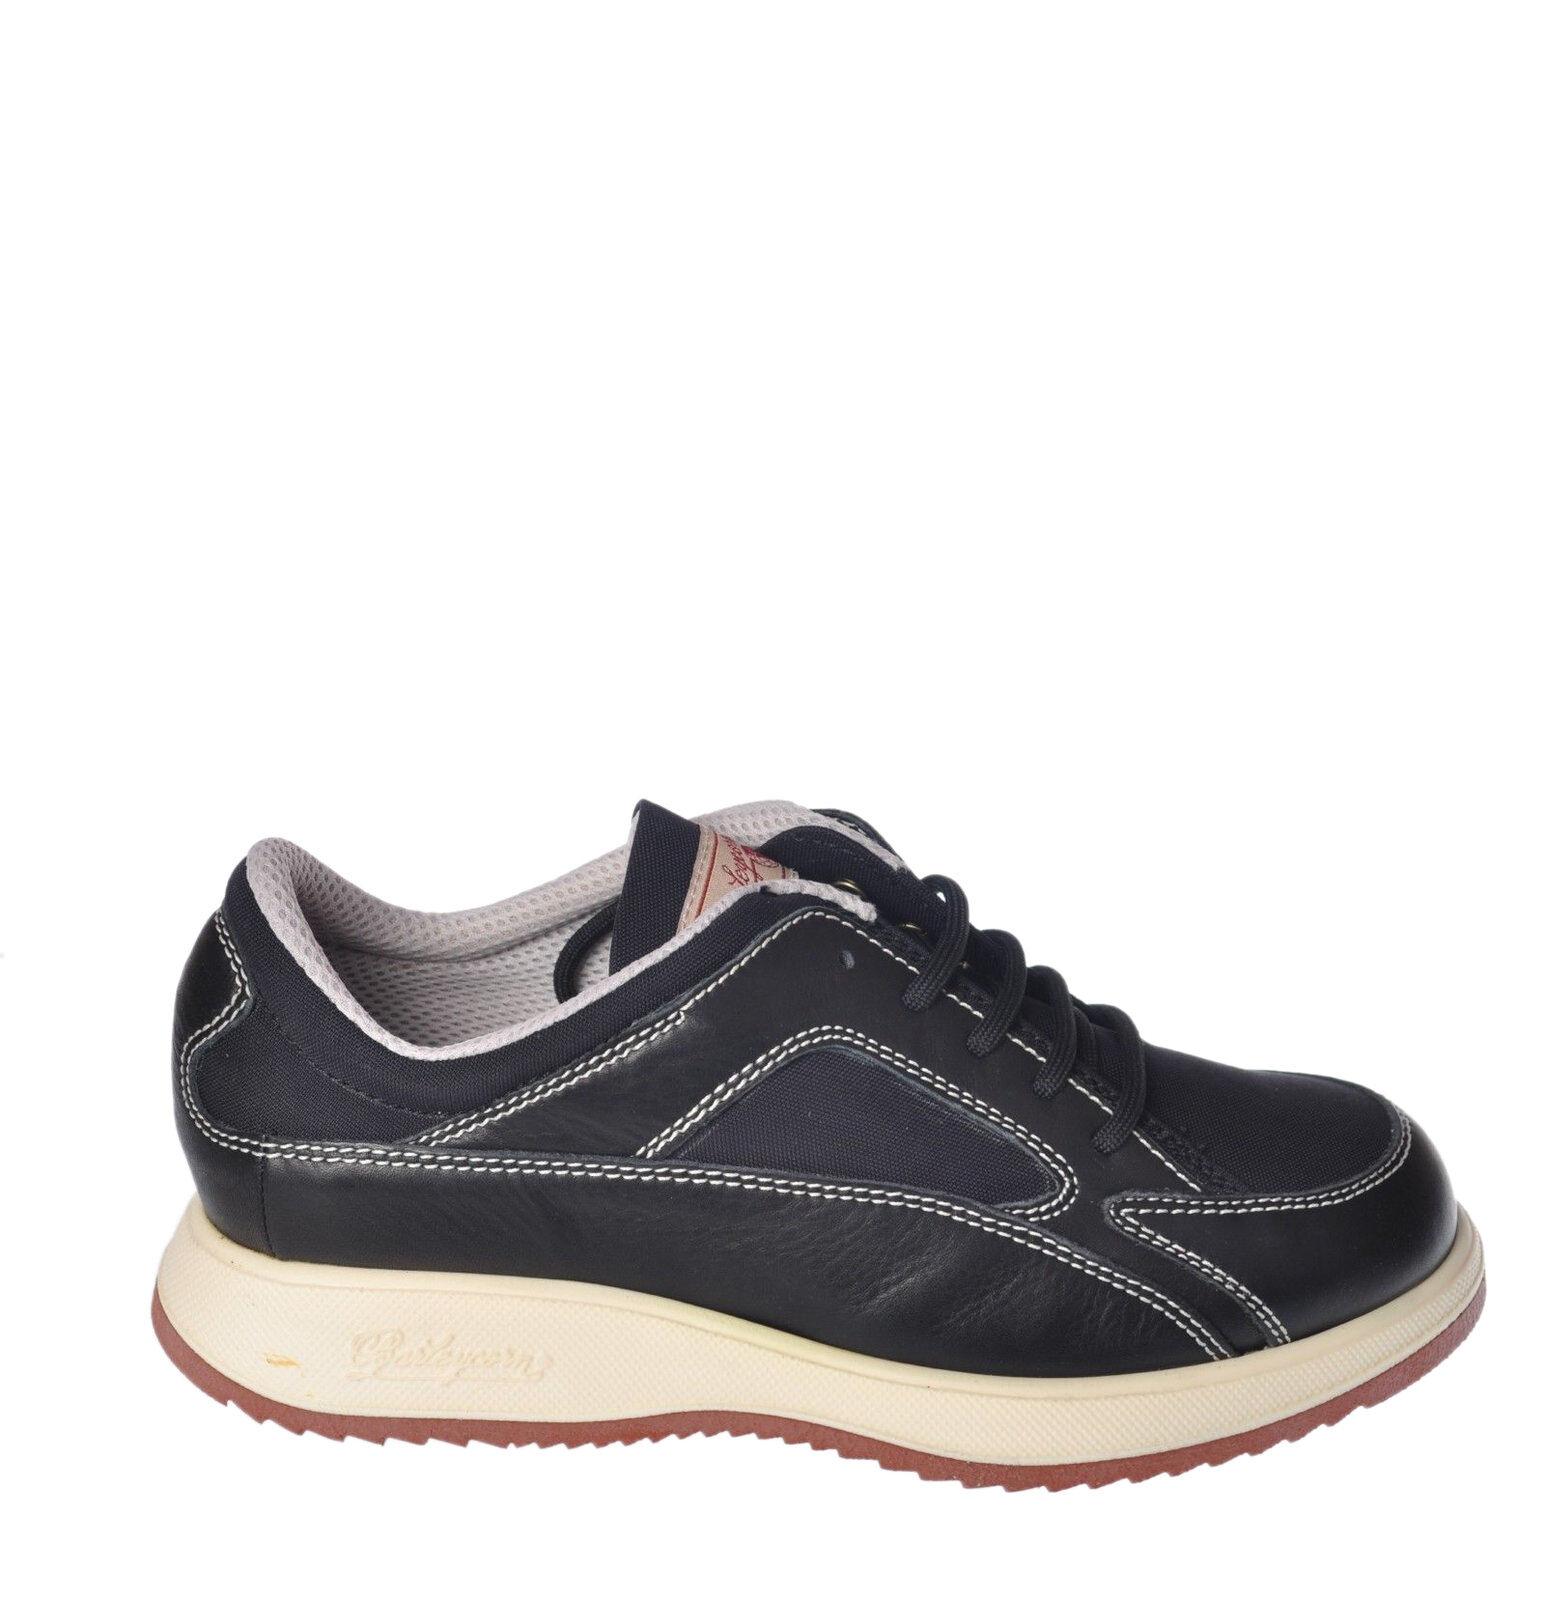 fino al 60% di sconto Barleycorn - scarpe-scarpe da ginnastica - Donna - nero nero nero - 5146320C183555  il più alla moda